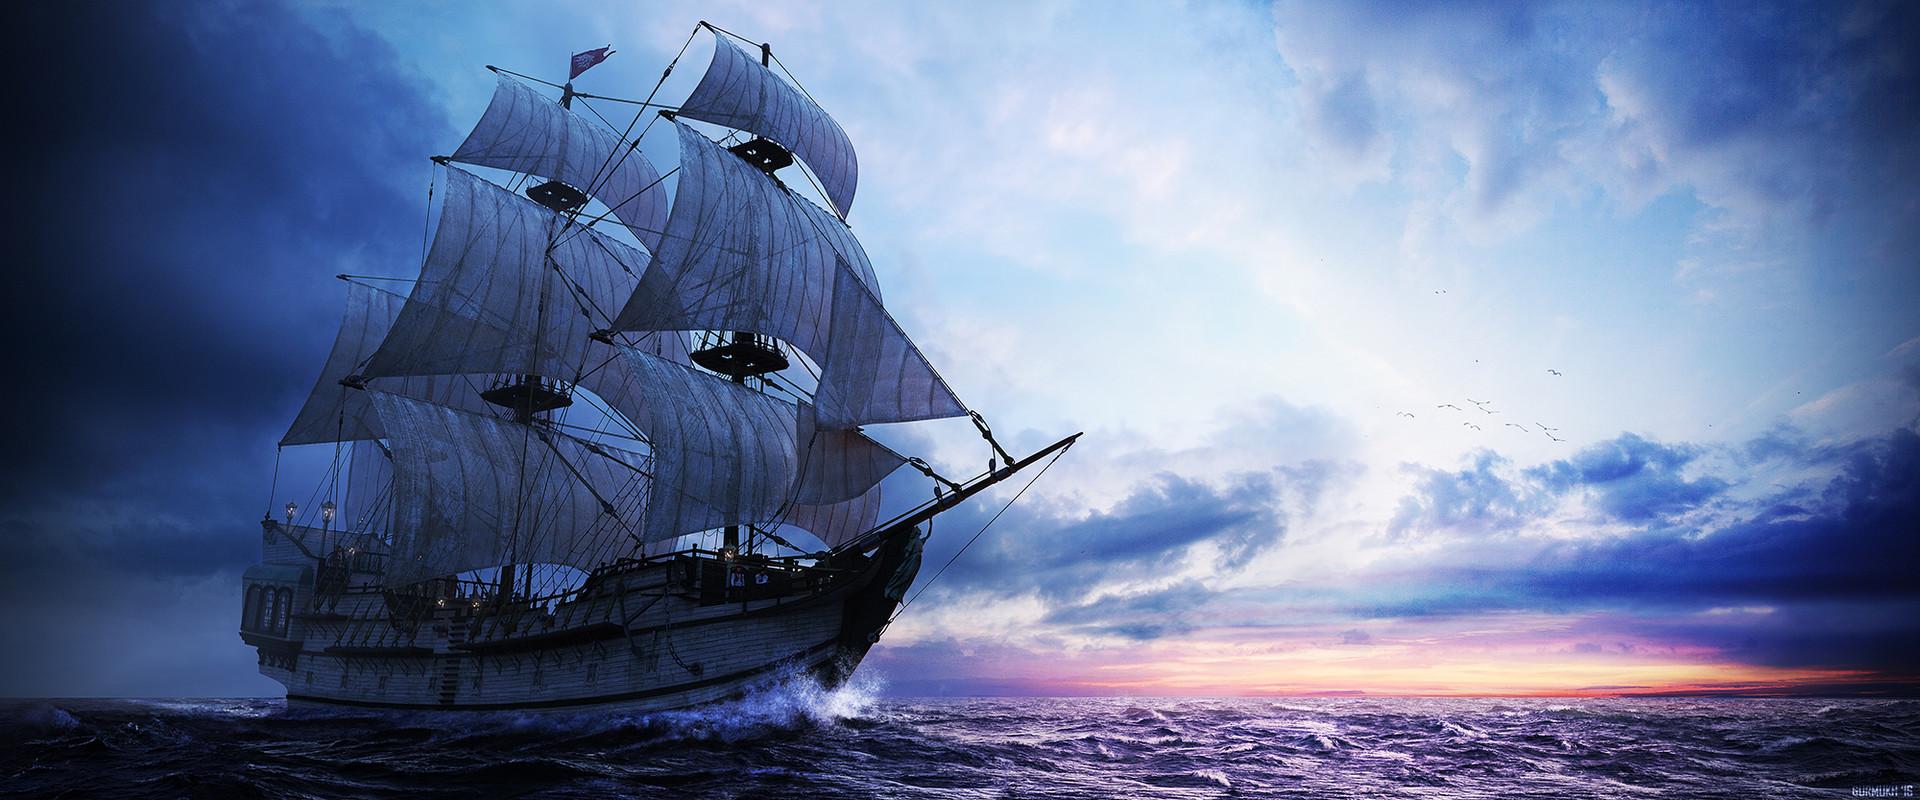 Gurmukh bhasin gurmukh pirate ship final 2k